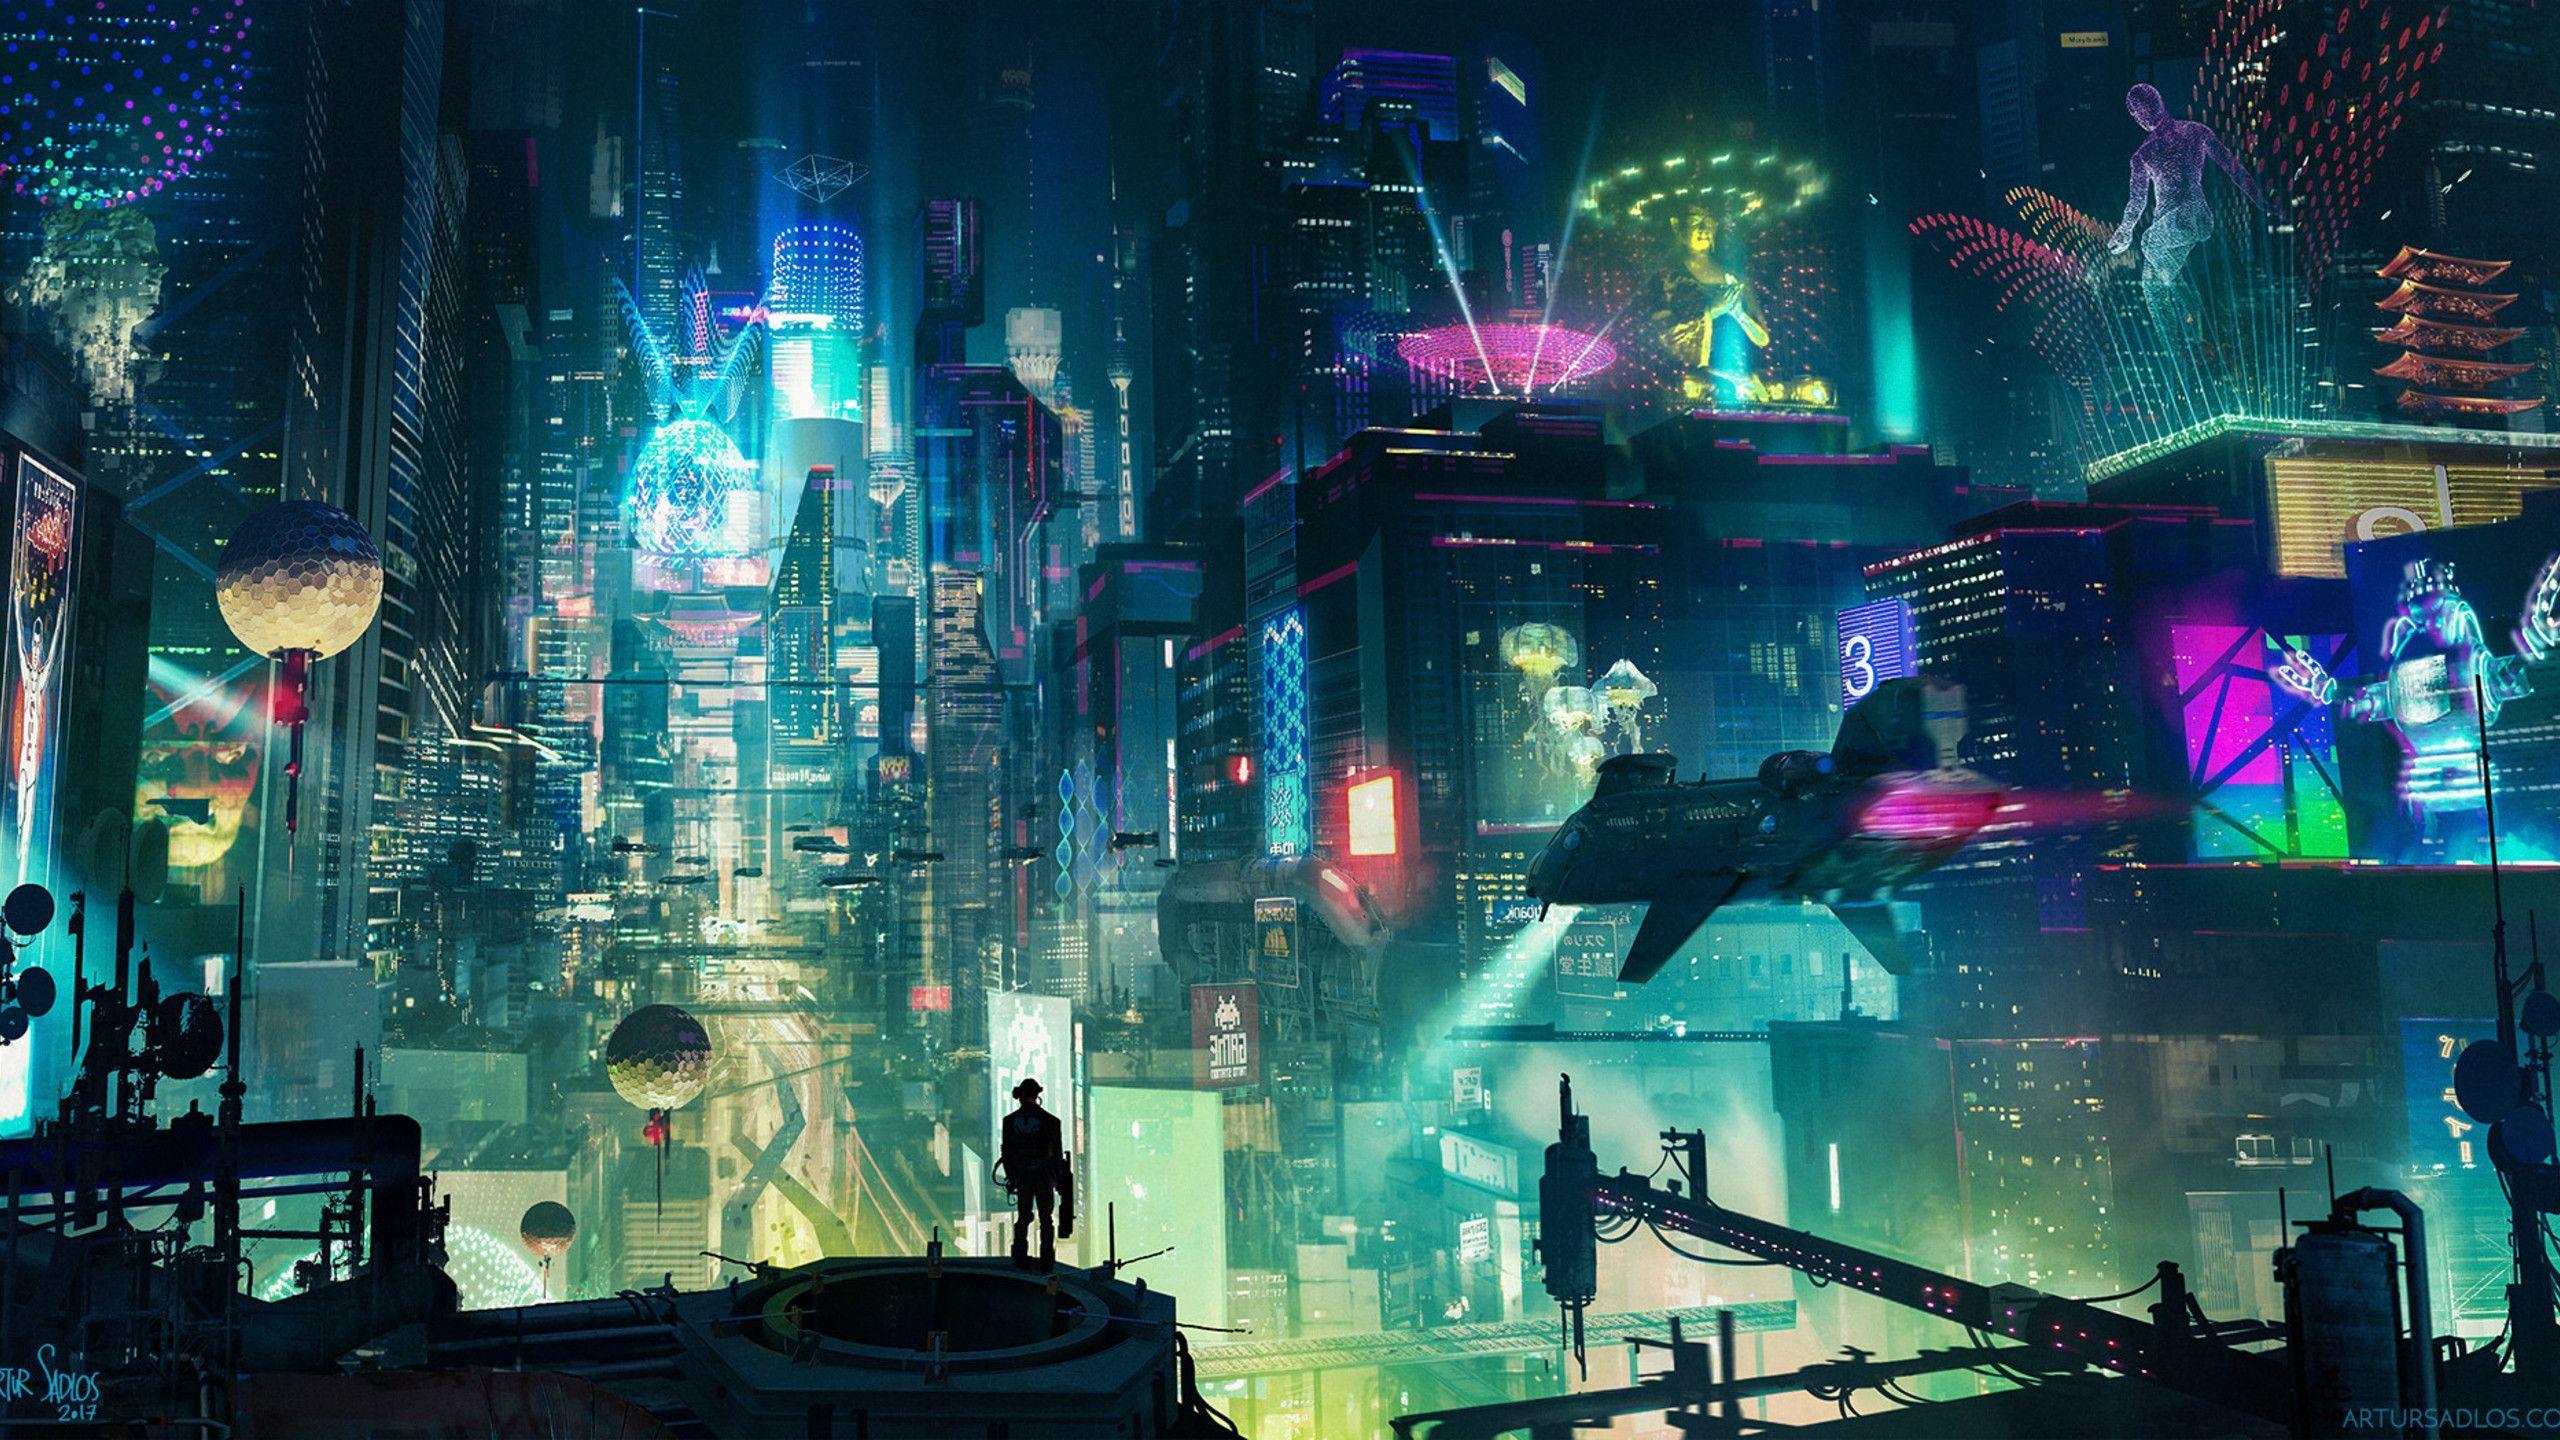 Cyberpunk Desktop Wallpapers Top Free Cyberpunk Desktop Backgrounds Wallpaperaccess